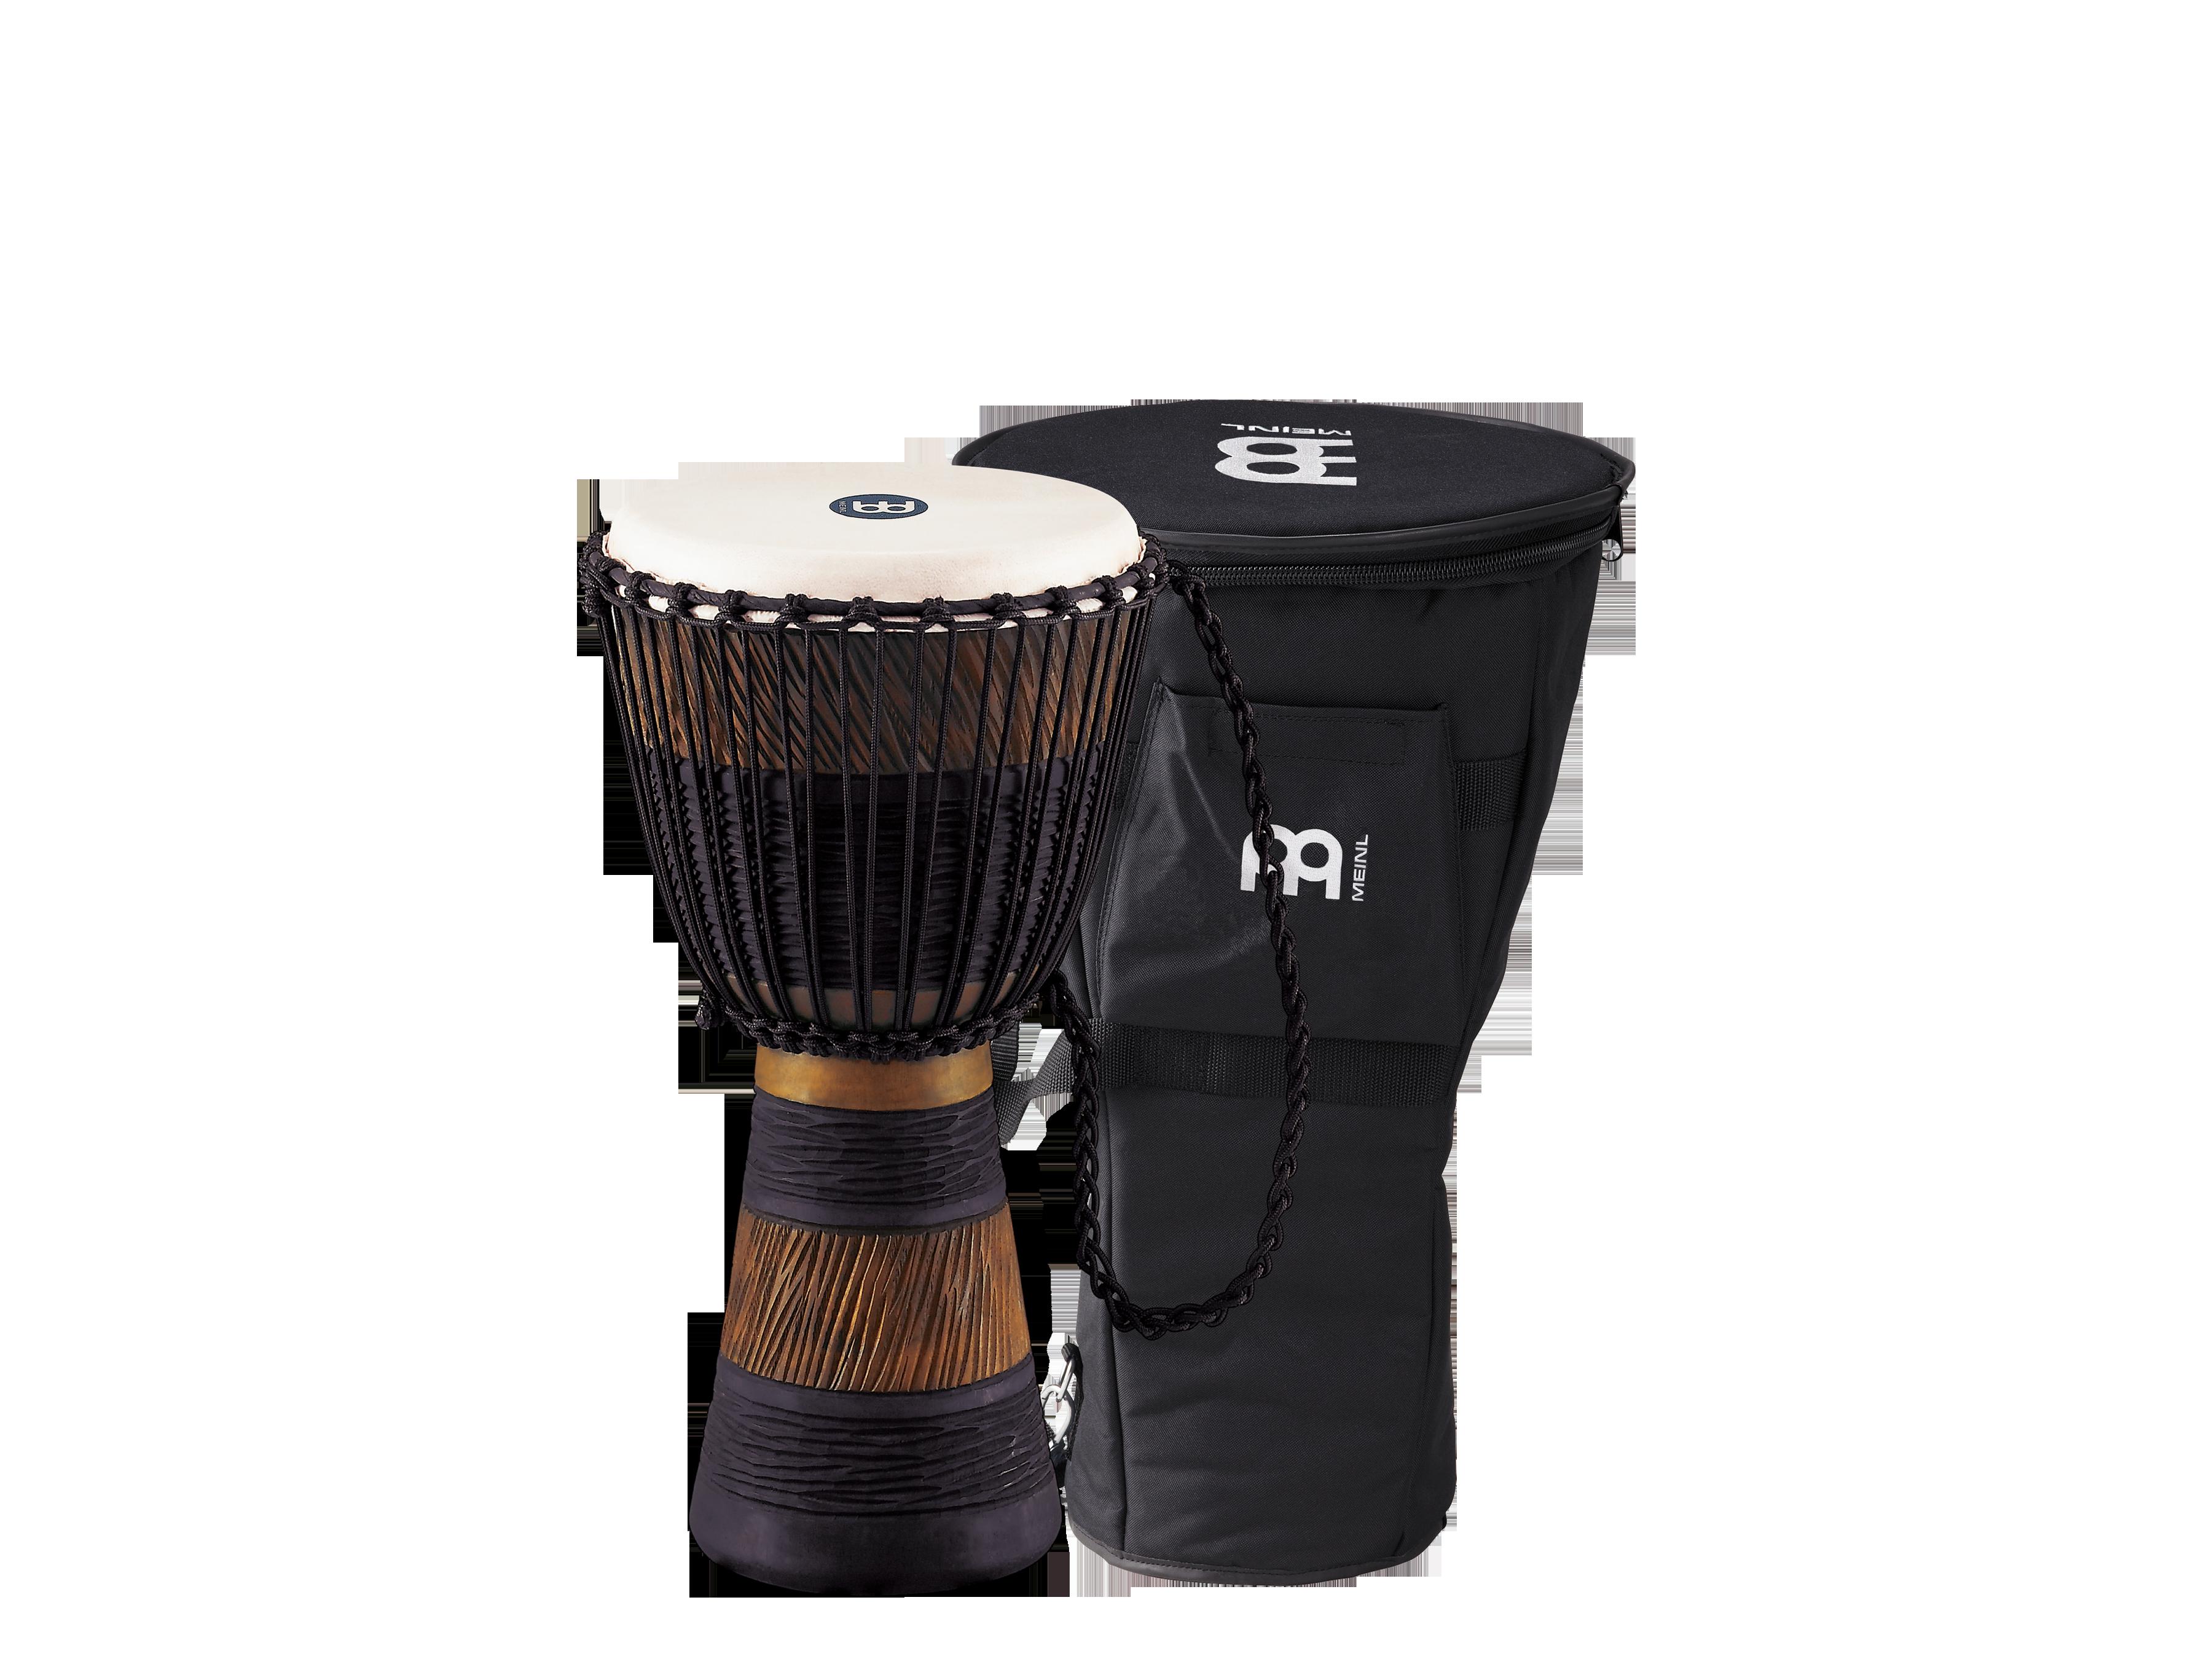 MEINL Percussion Earth Rythm Serie Djembe inkl. Tasche